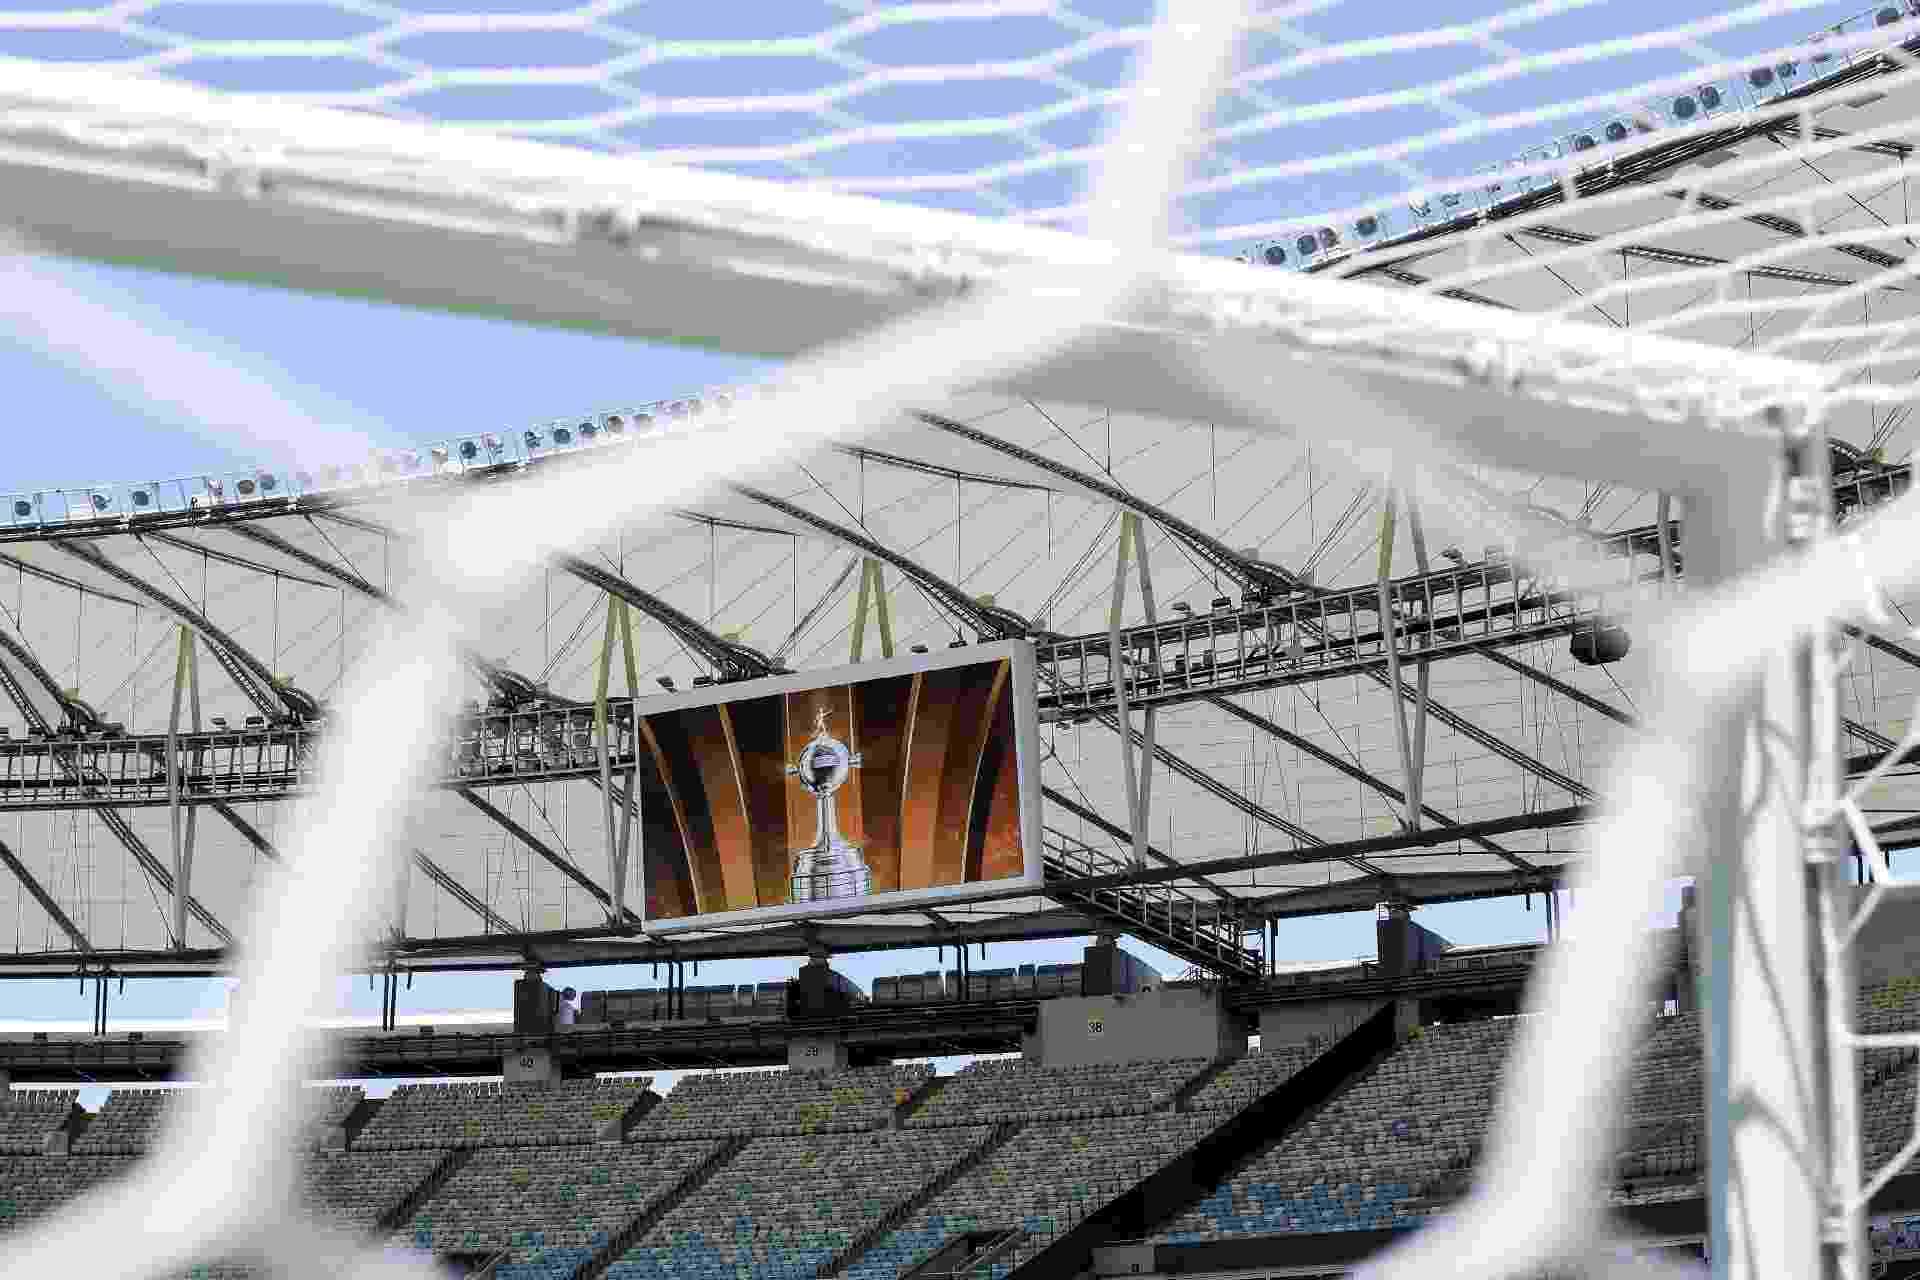 Estádio do Maracanã antes da final Palmeiras x Santos pela Libertadores - Divulgação/Conmebol Libertadores